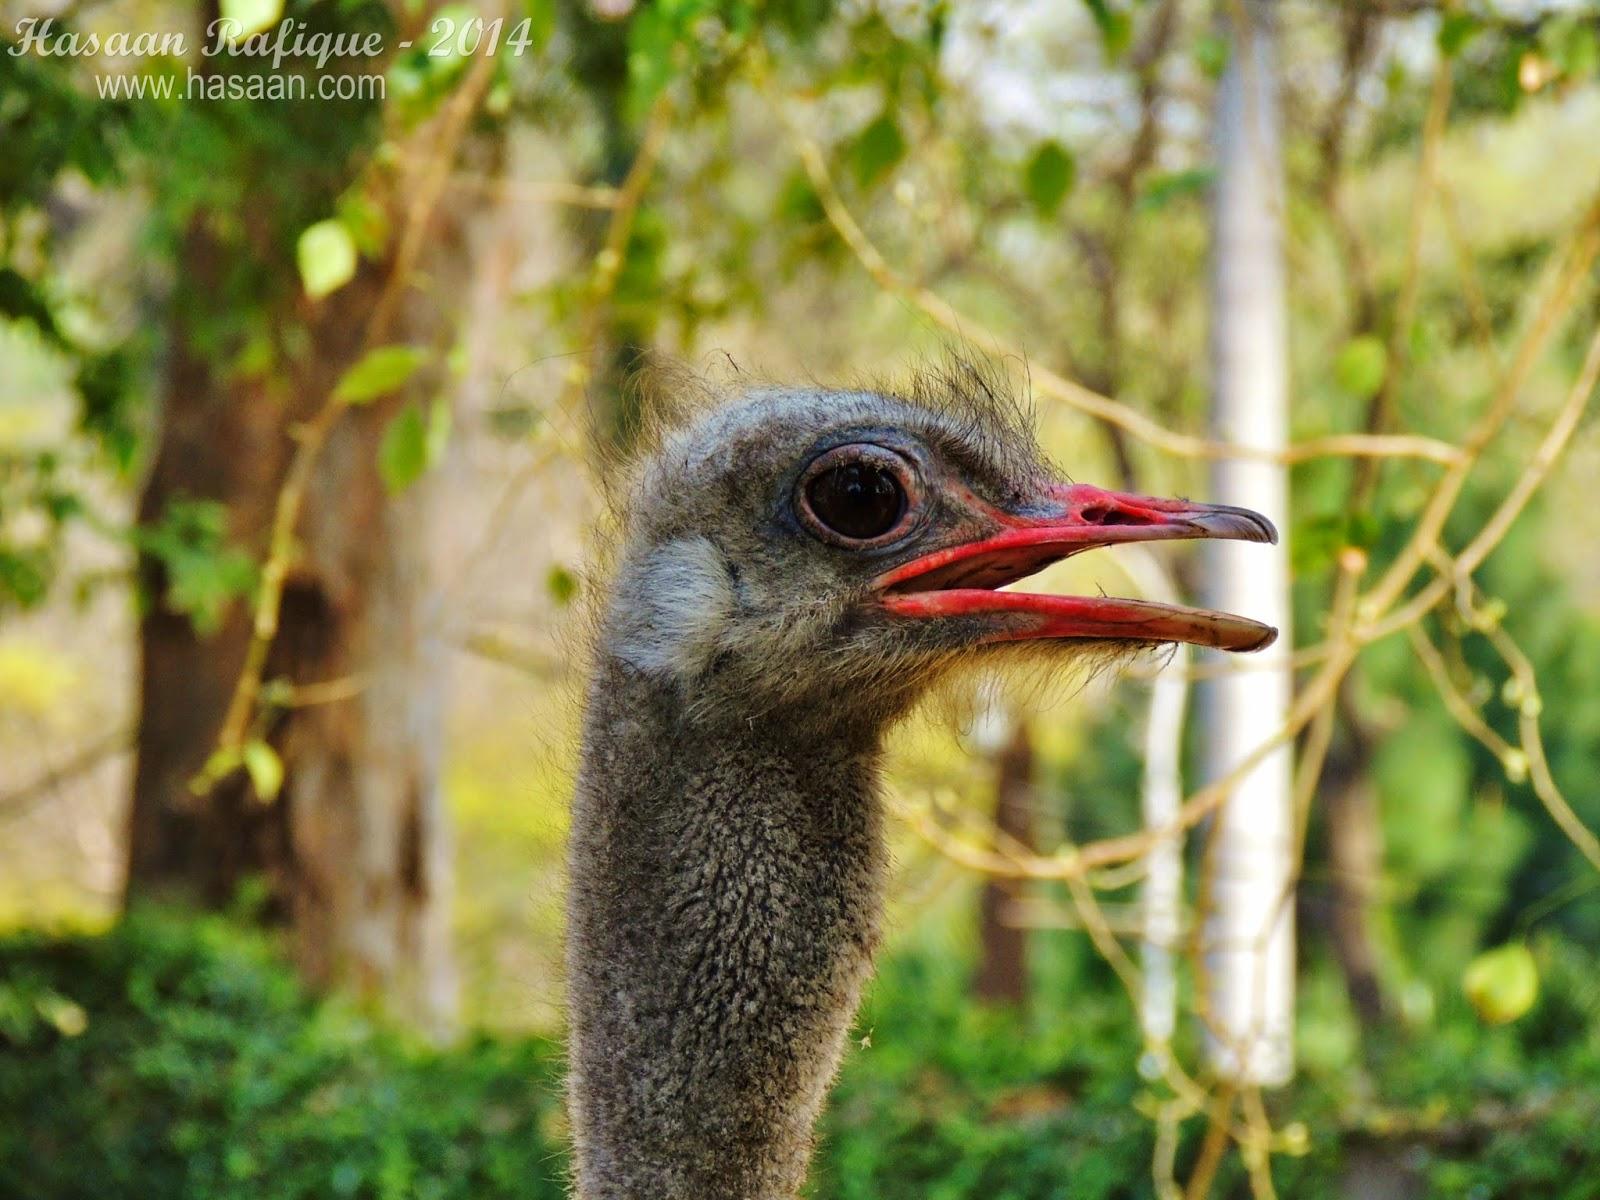 An ostrich closeup shot.